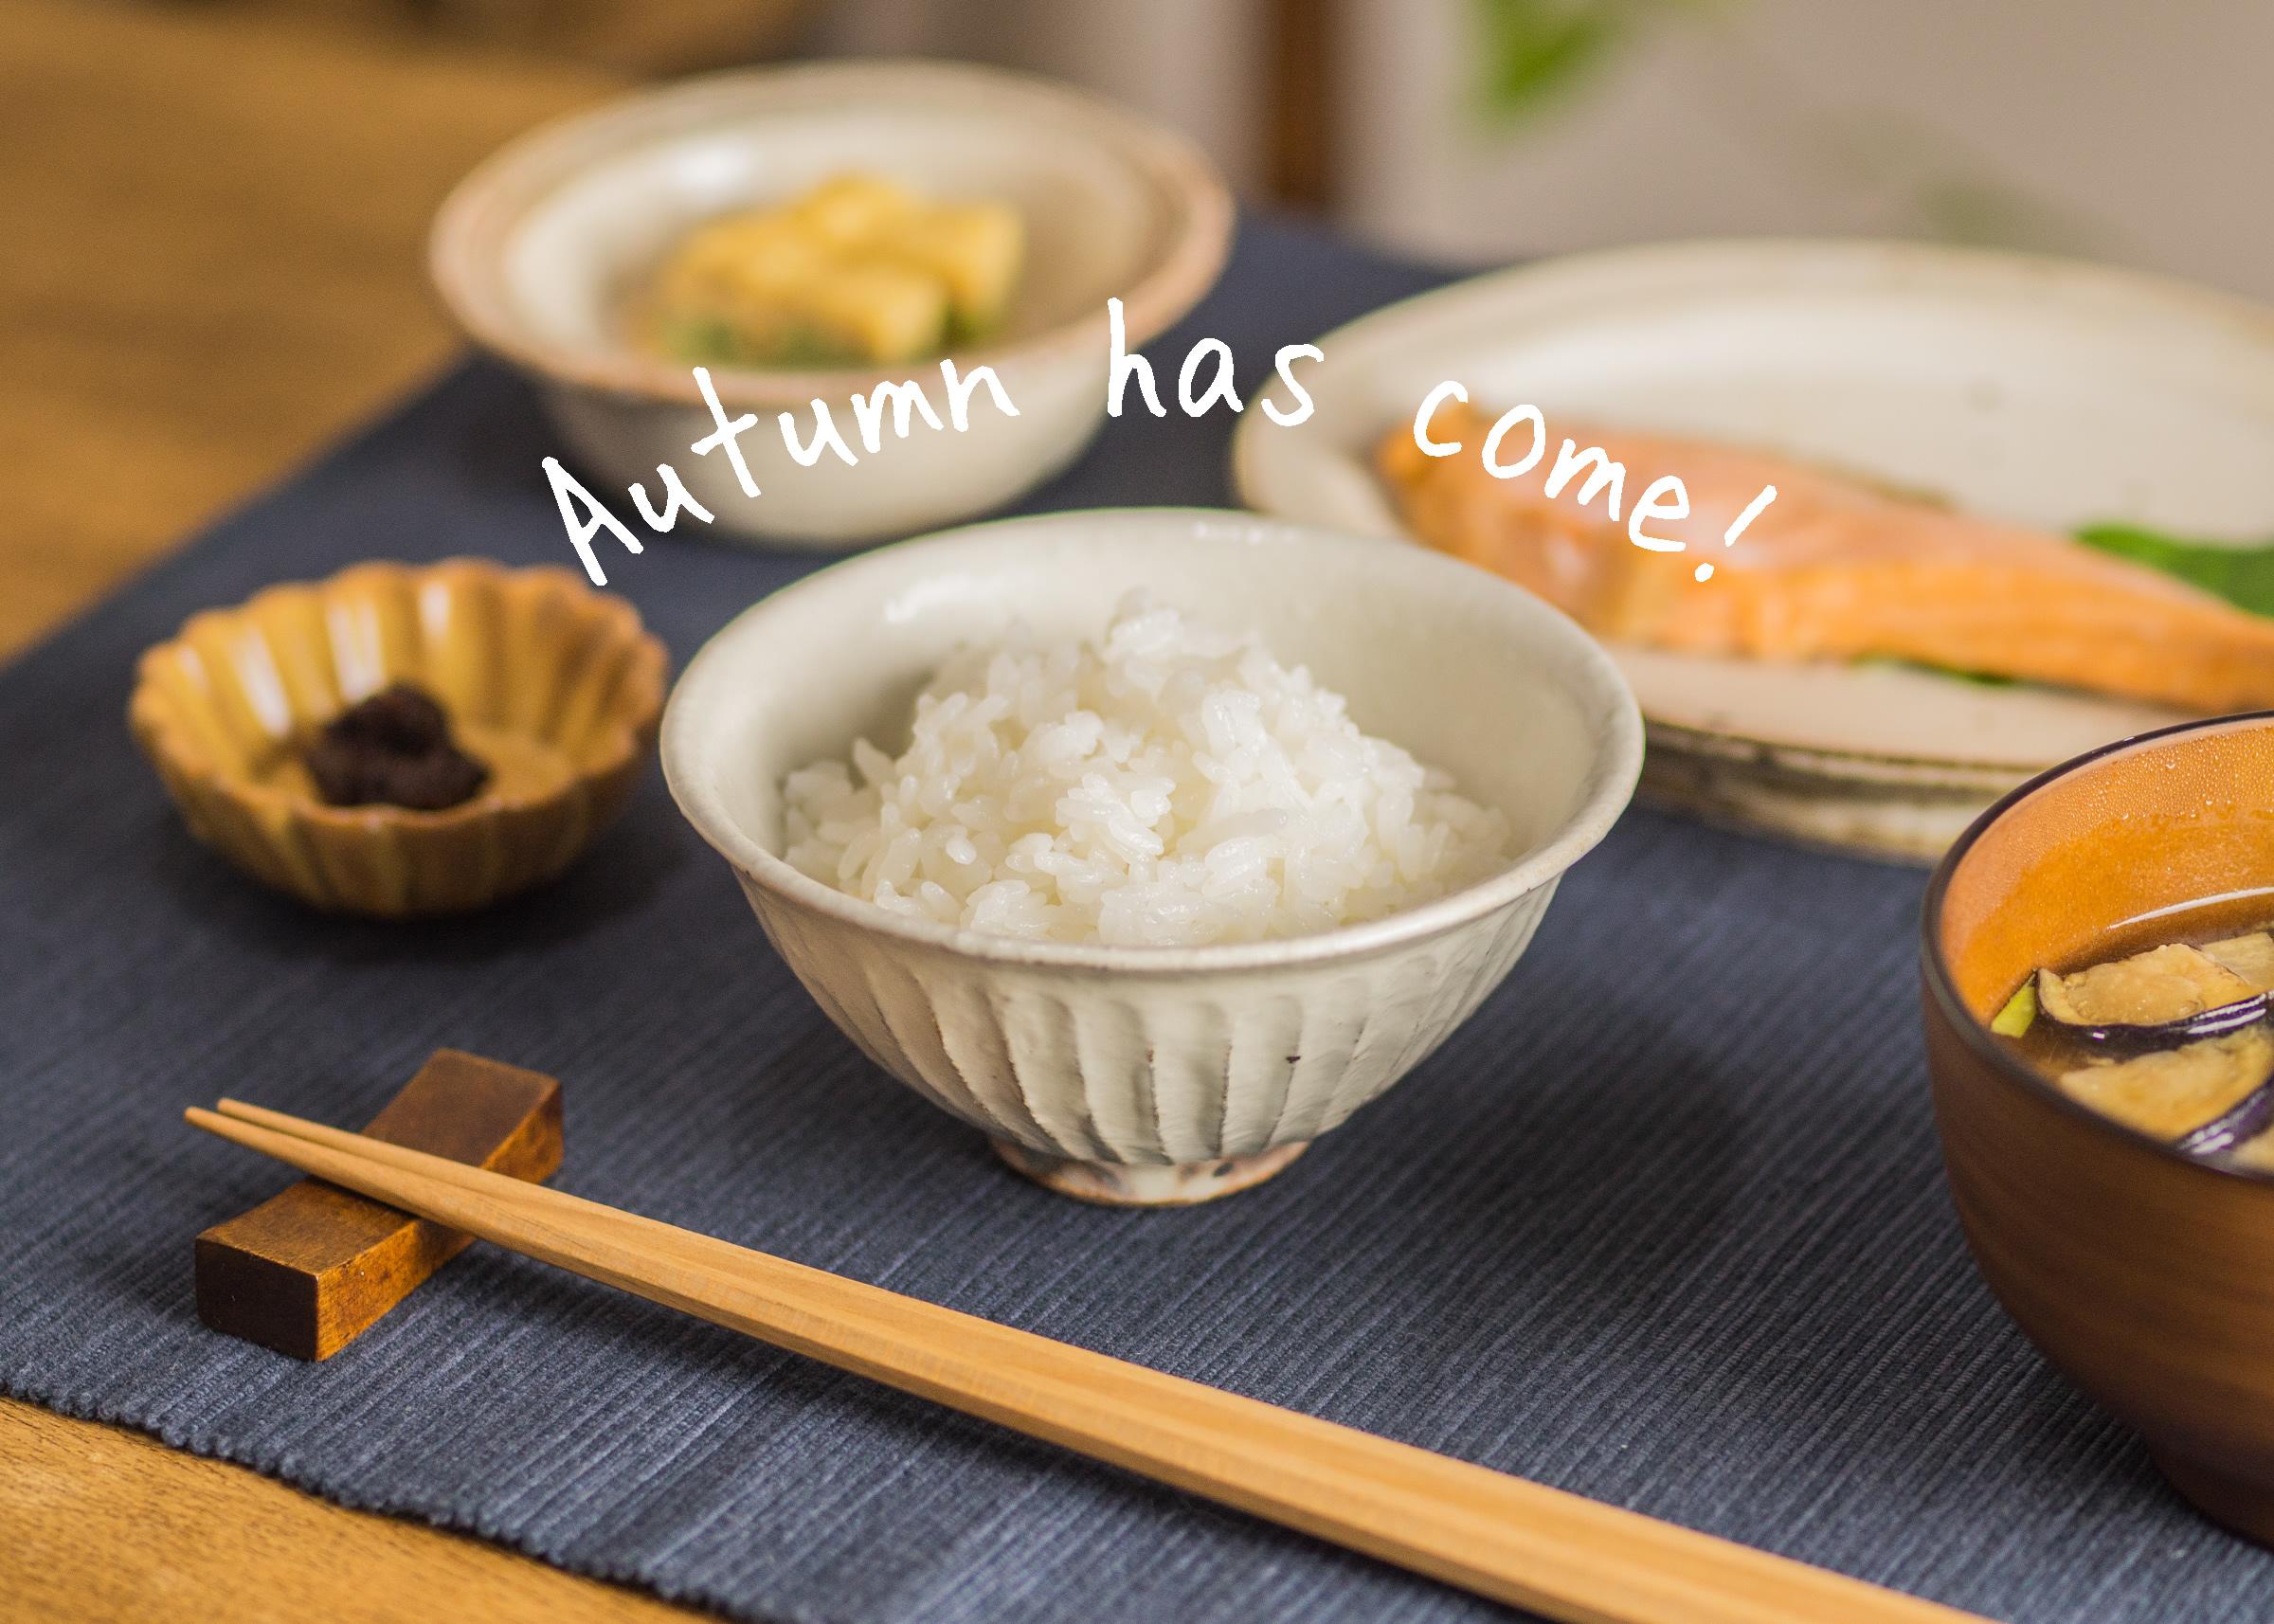 新米のご飯を食べるなら、粉引のご飯茶碗で食べてみませんか?